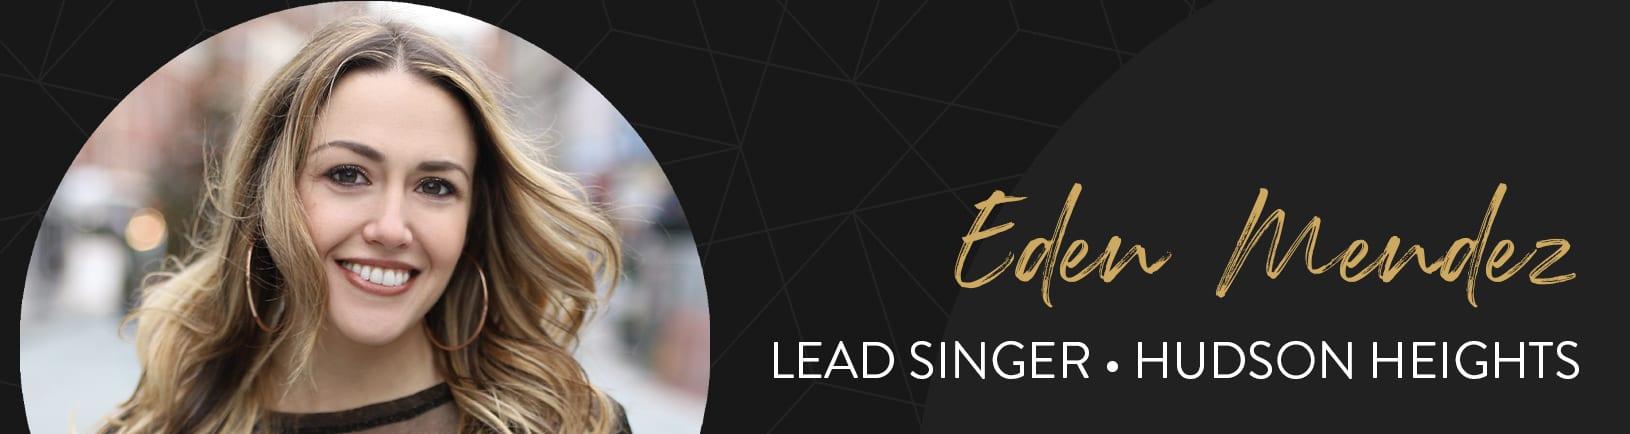 Eden Mendez on Women's Day | Elegant Music Group